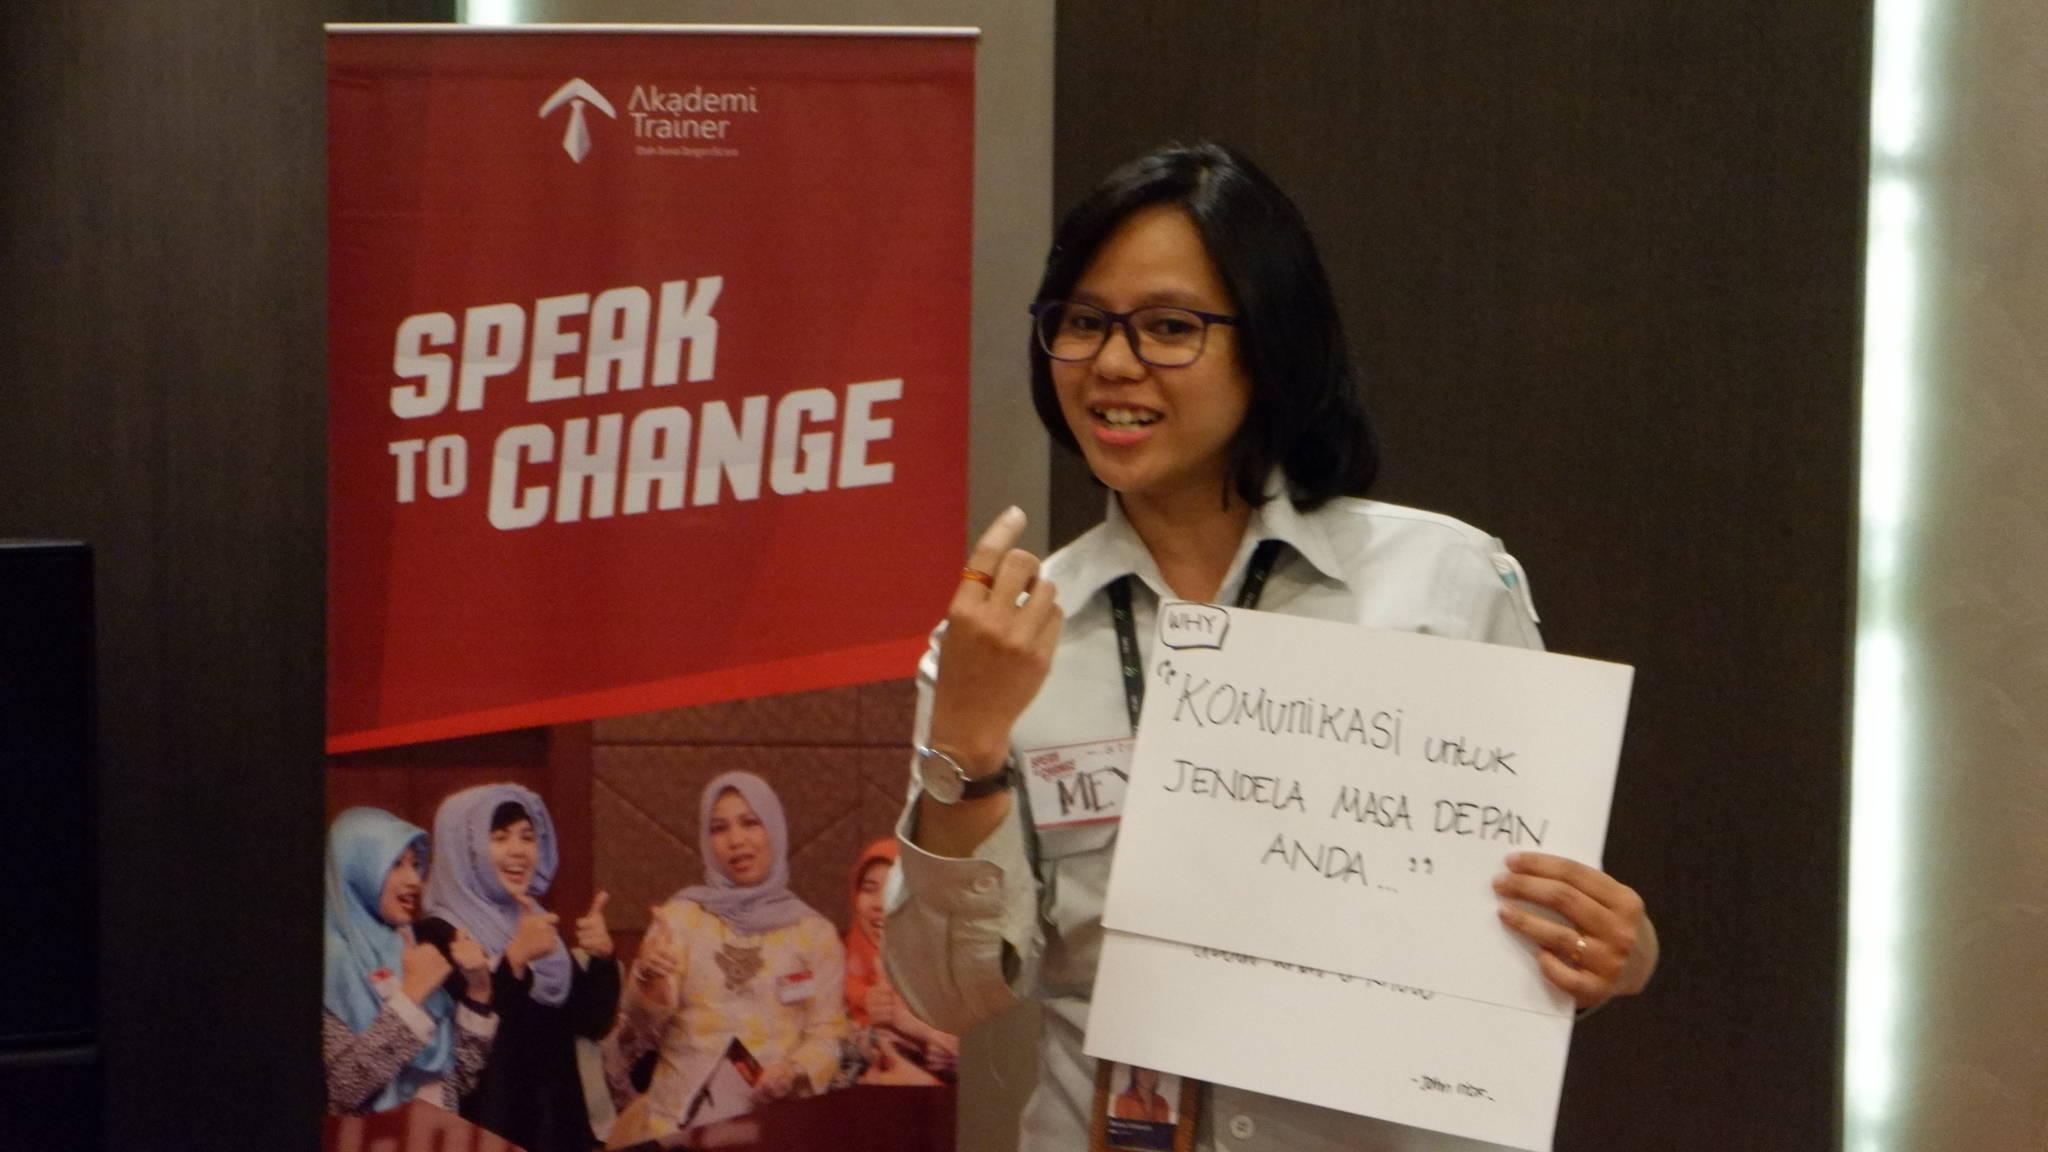 Majukan Perusahaan dengan Berbicara, Bisakah - Corporate Training Indonesia